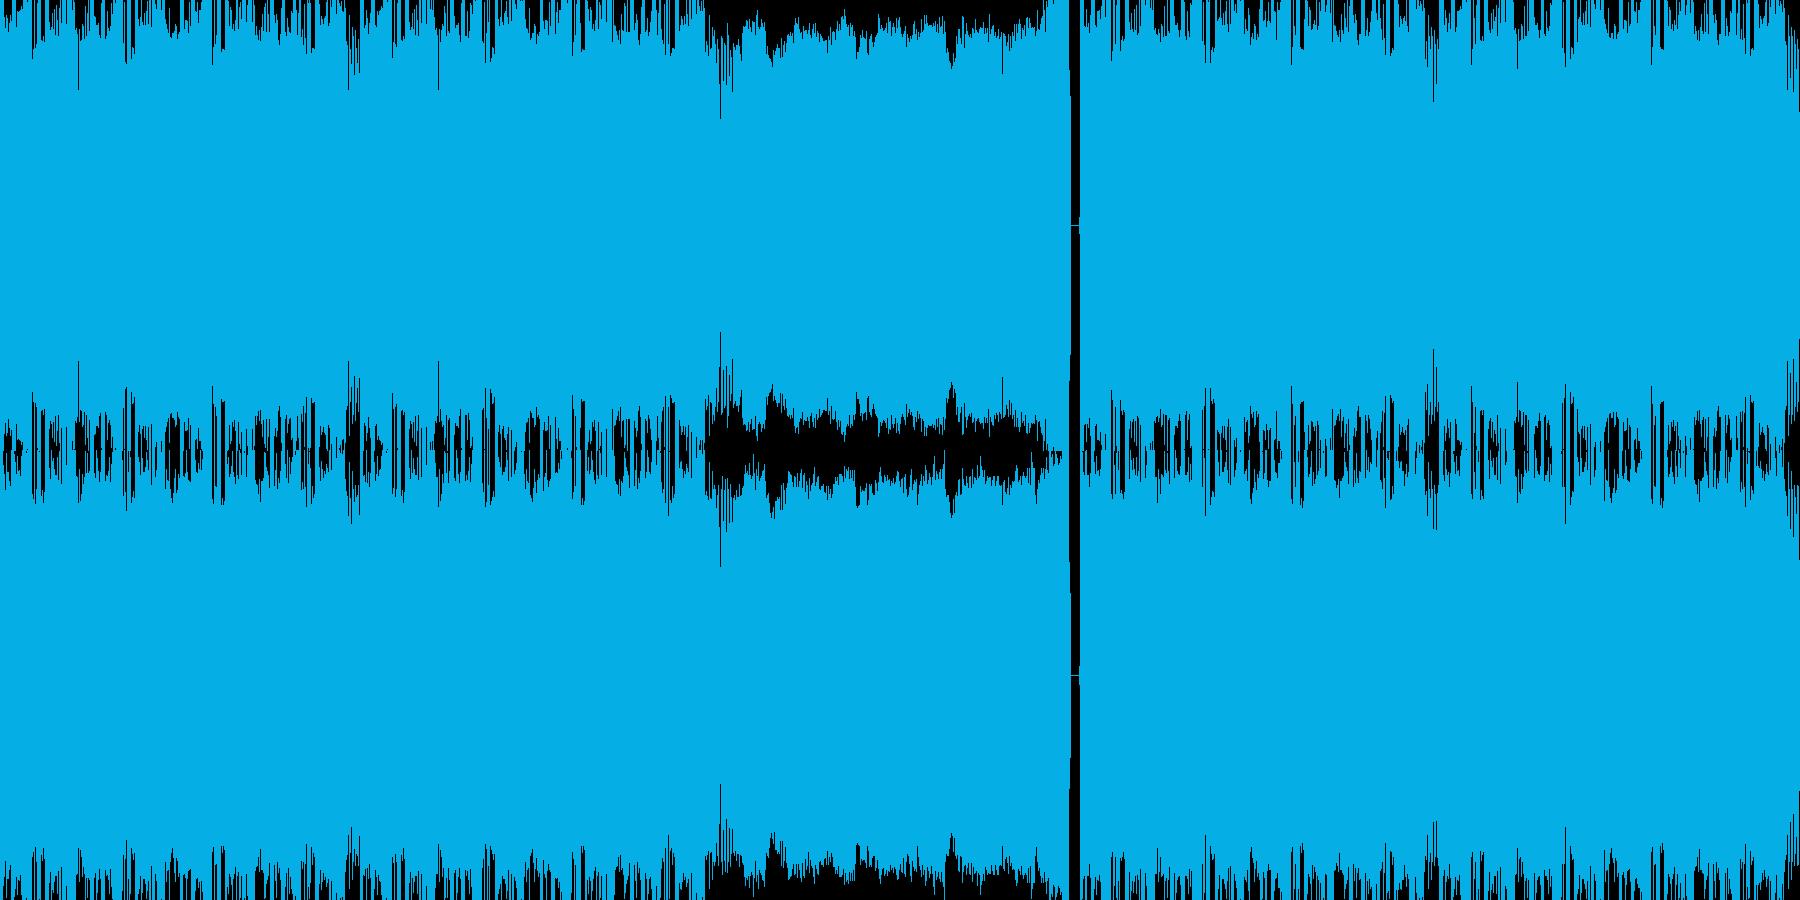 【★クラブサウンドノリノリブロステップ】の再生済みの波形